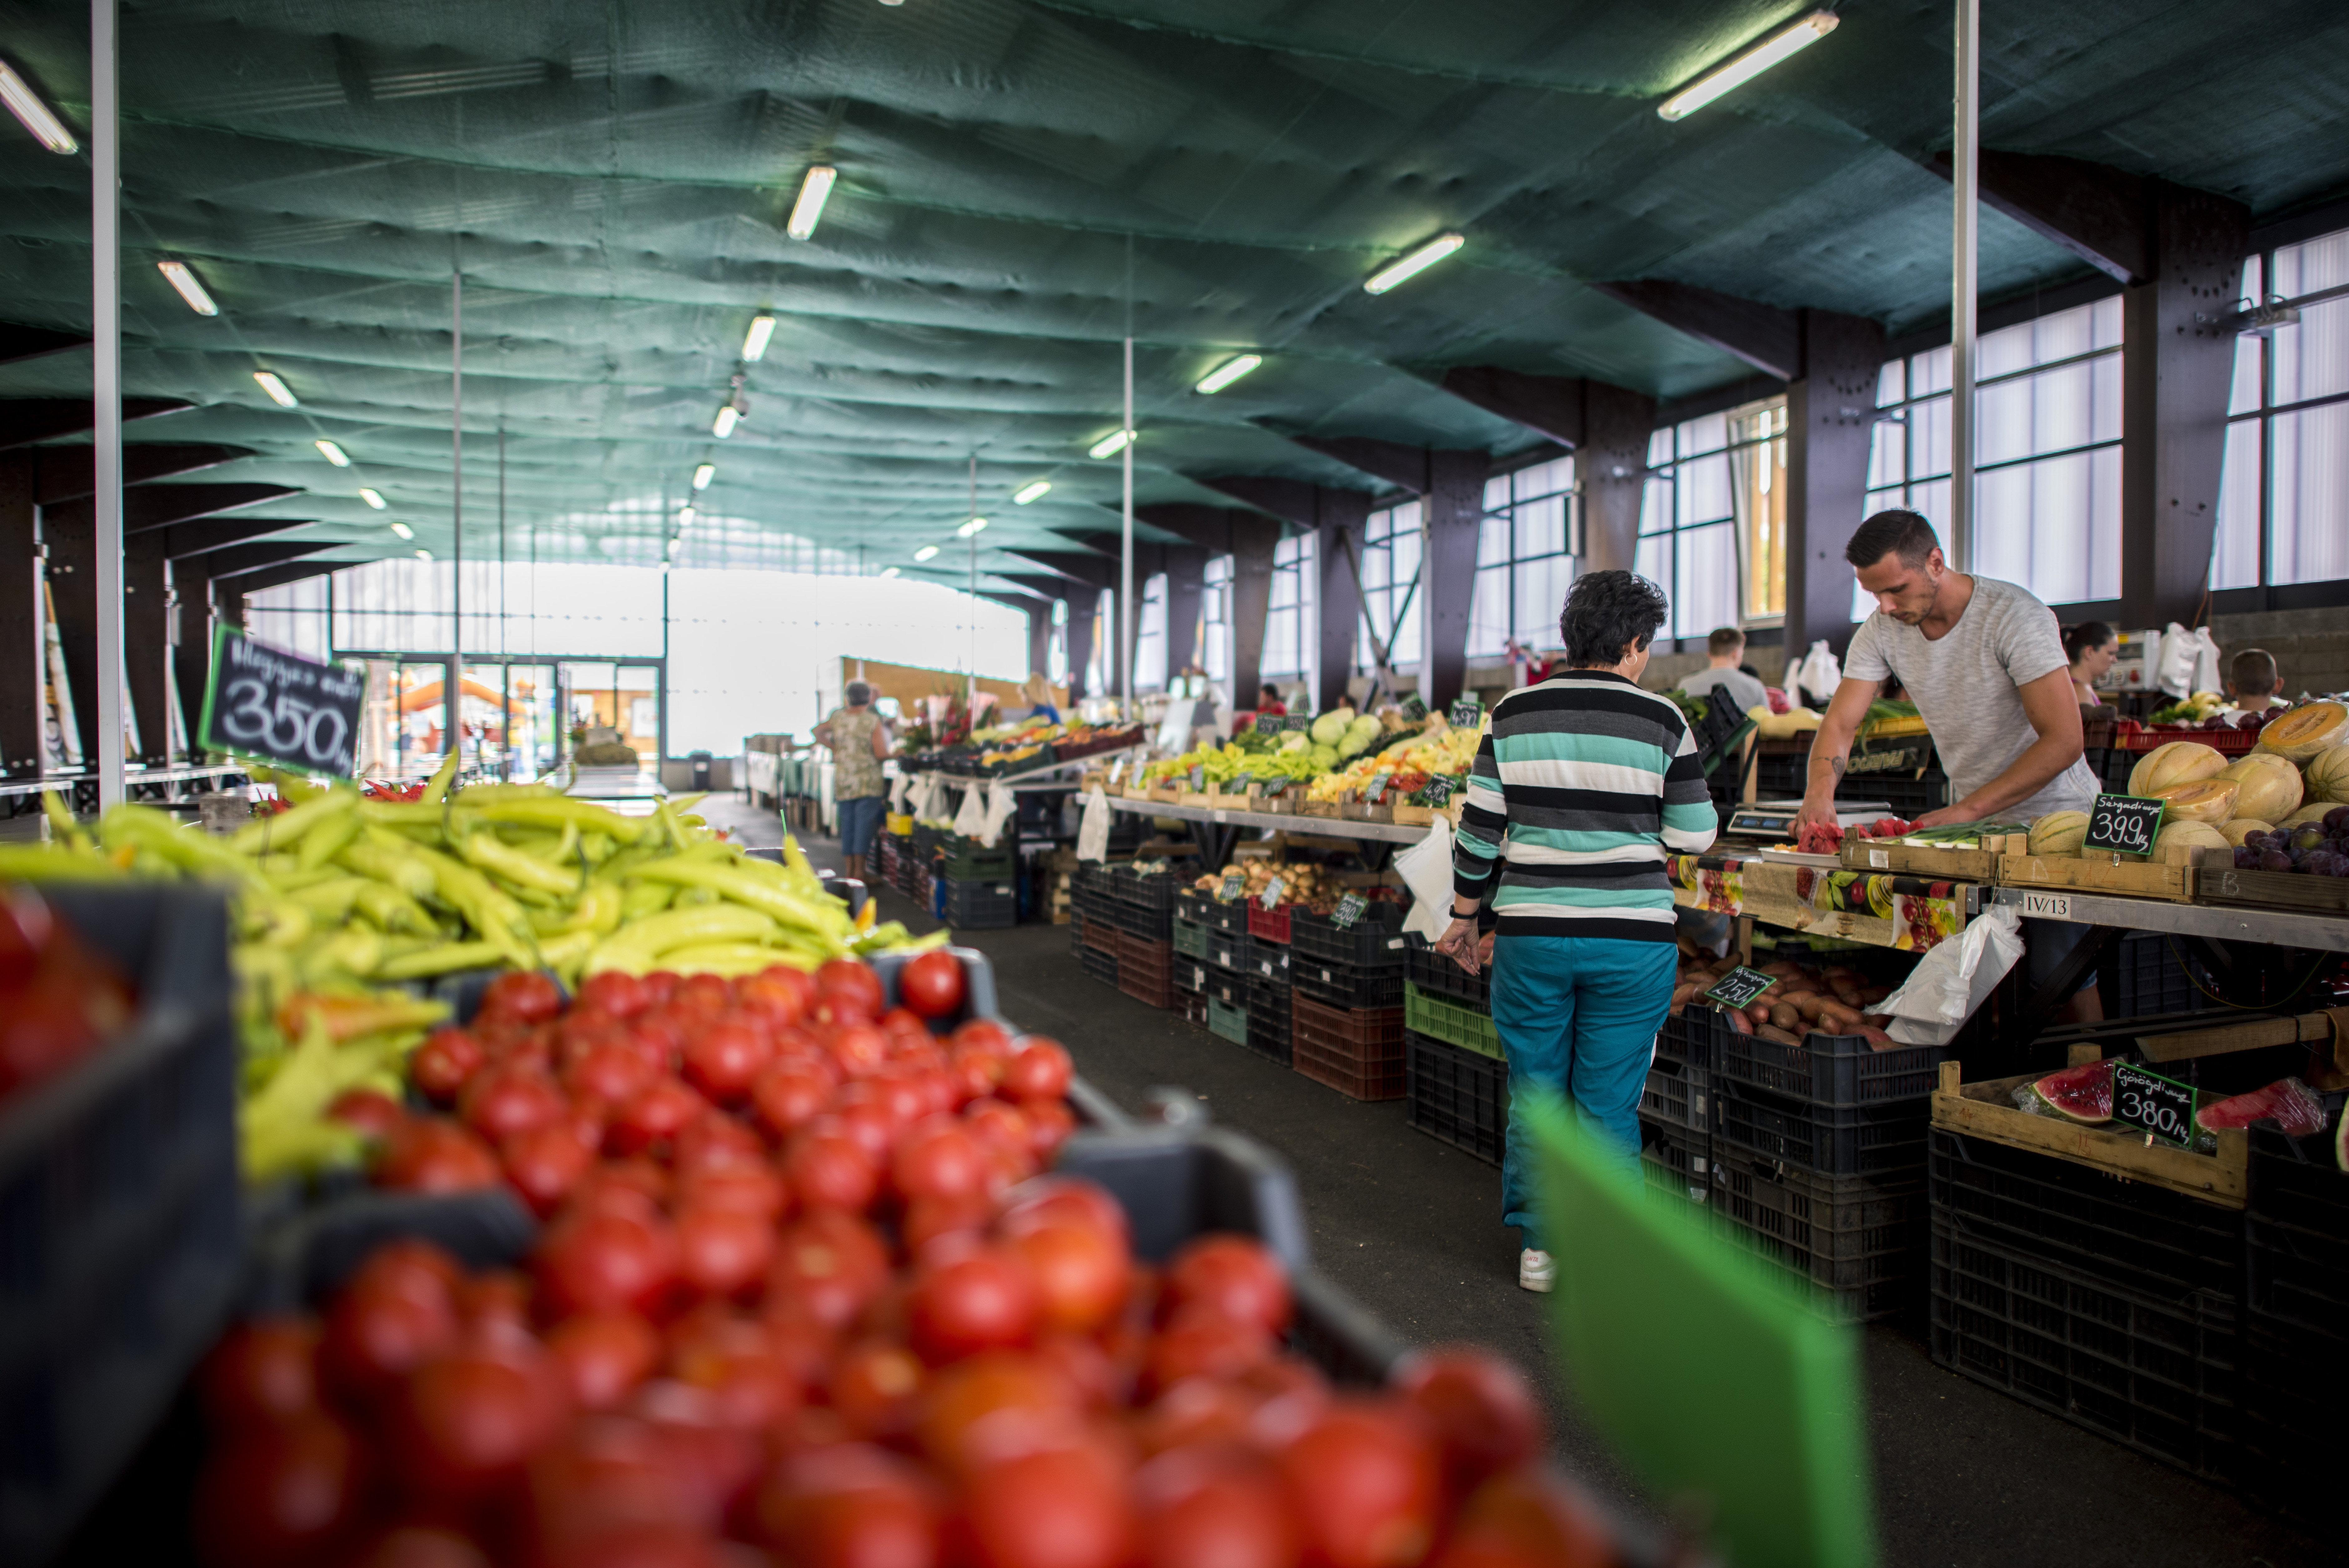 A Magyar Nemzet arról ír, hogy brutálisan megnőtt a zöldségek ára